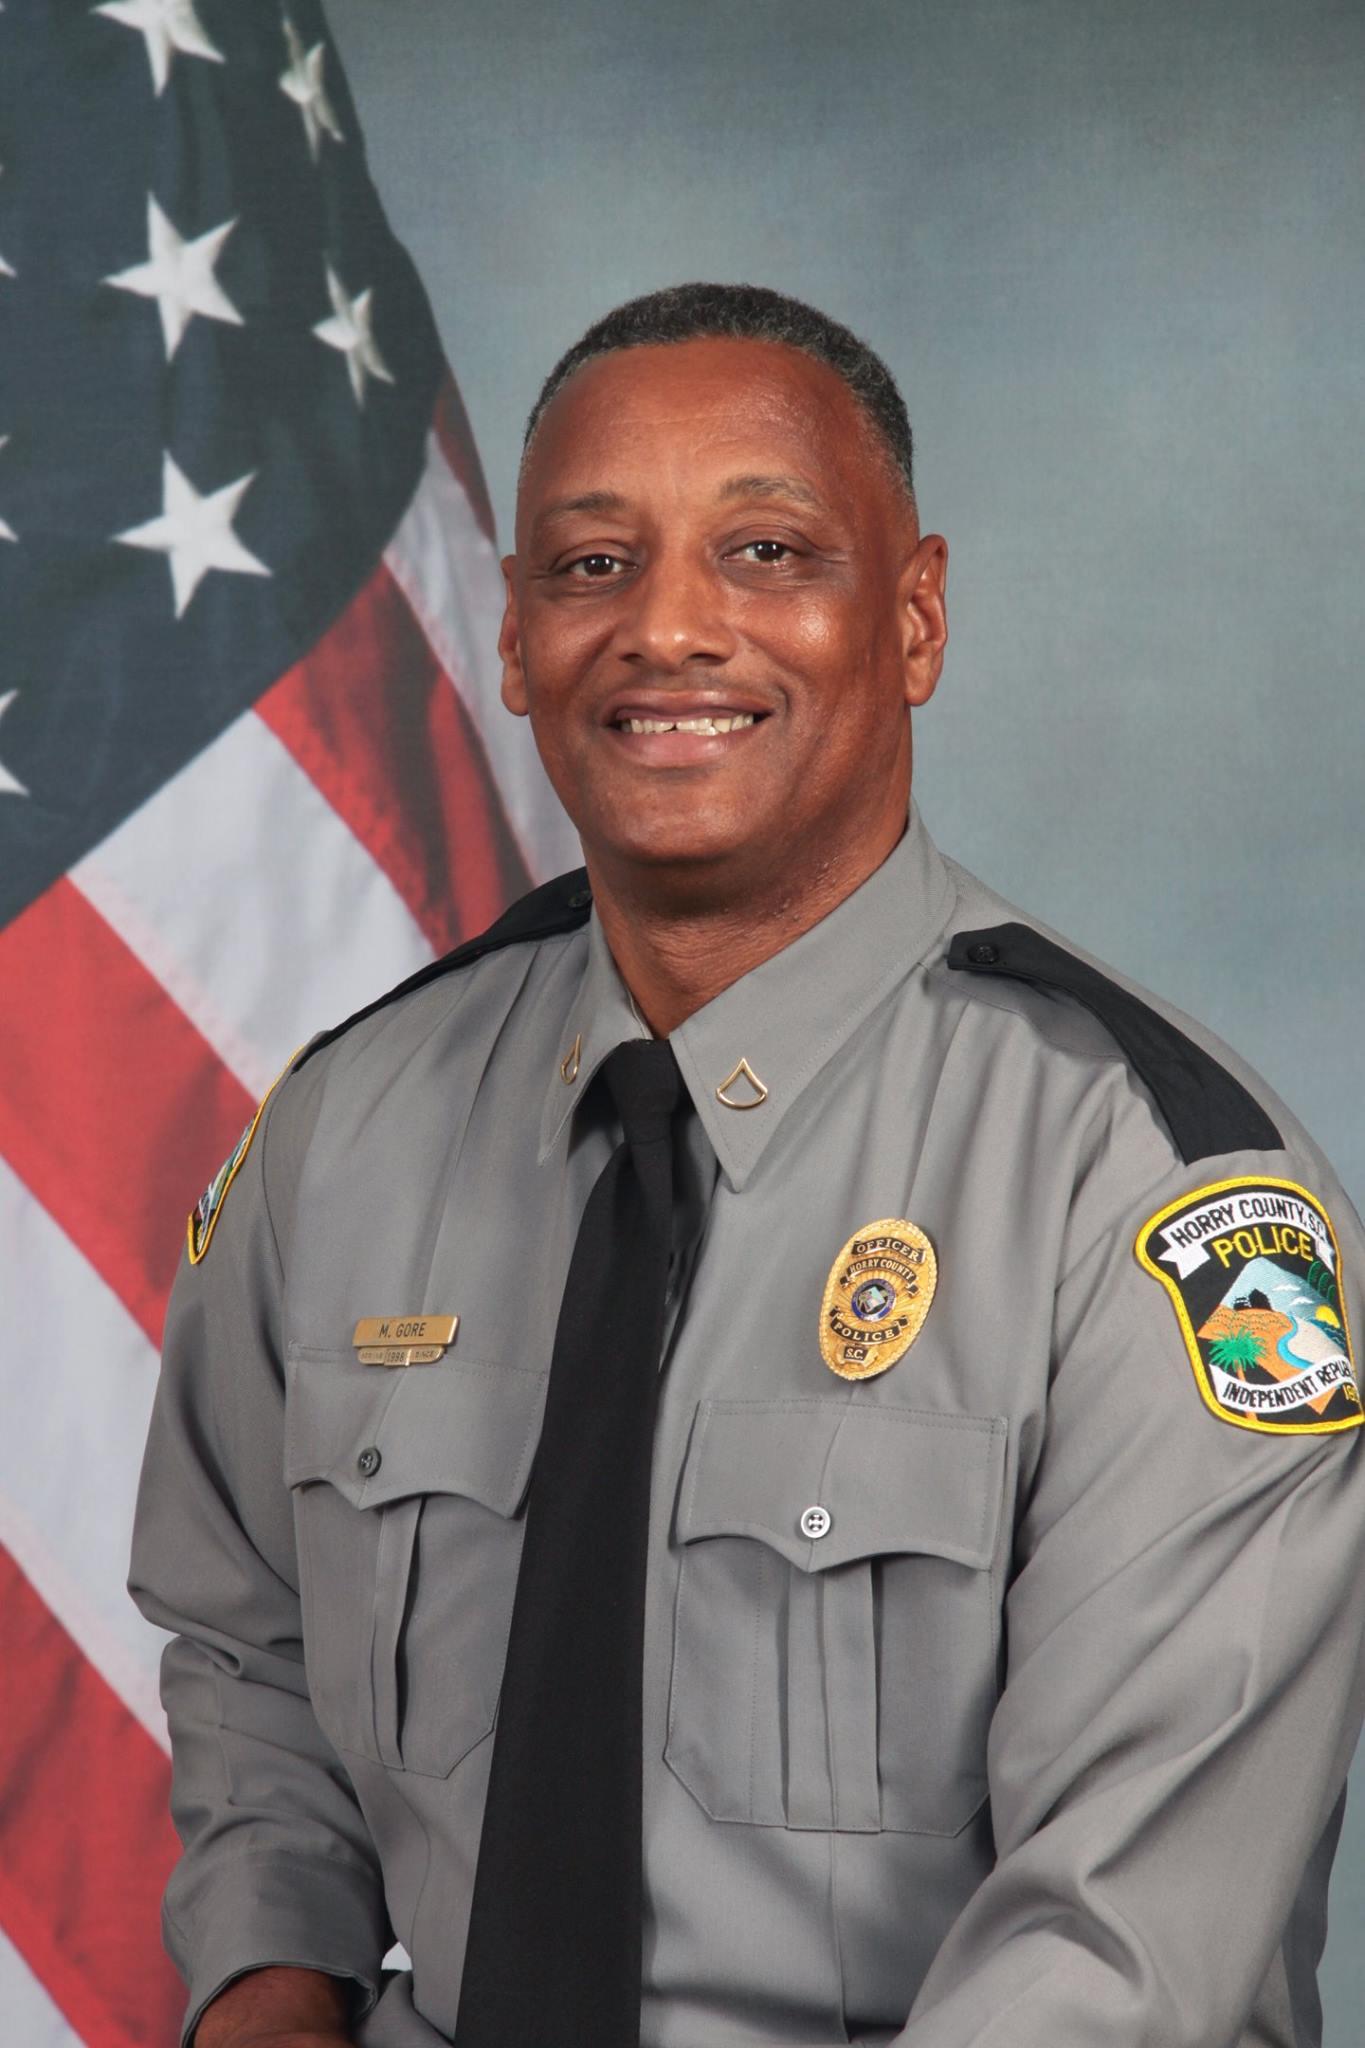 Police Officer Melton